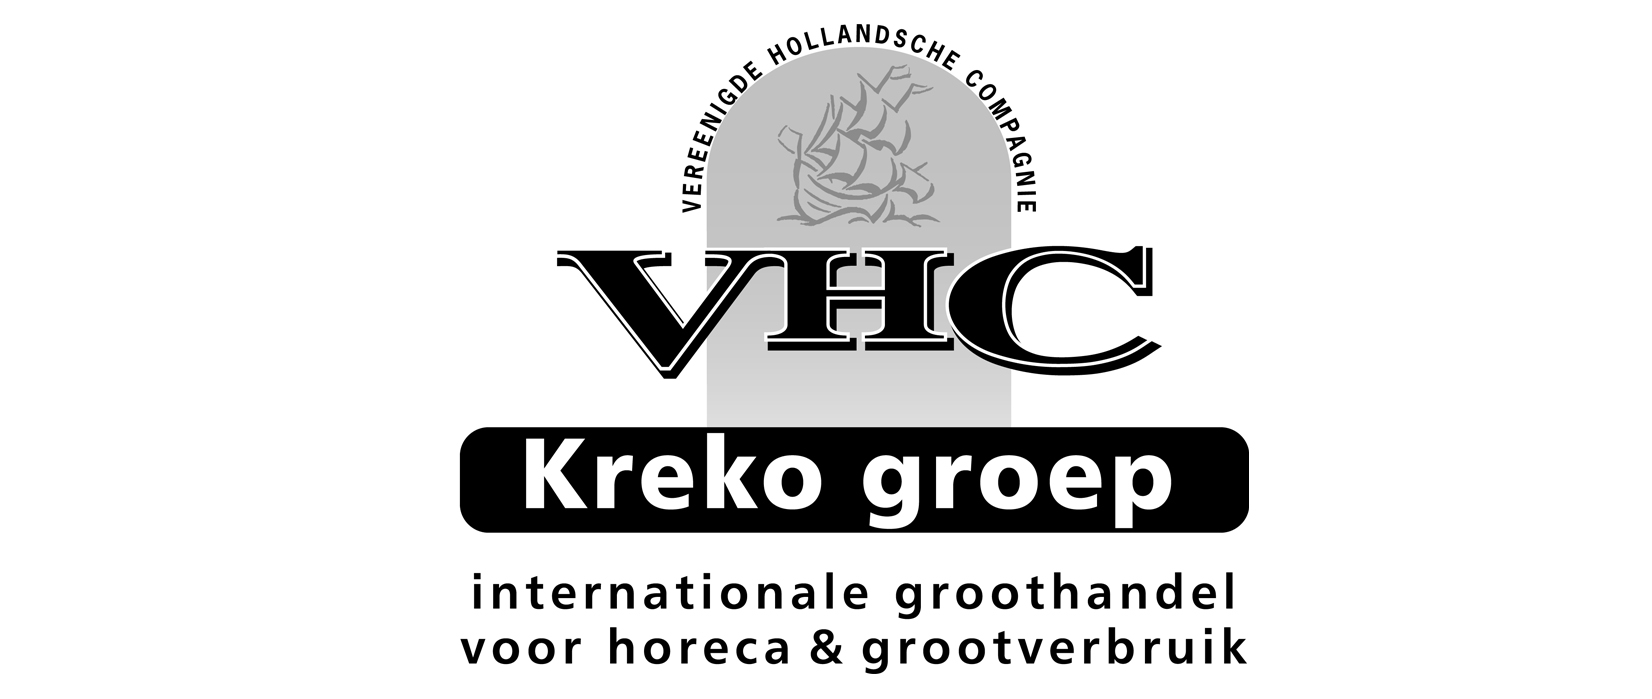 VHC_KREKO_LOGO.jpg